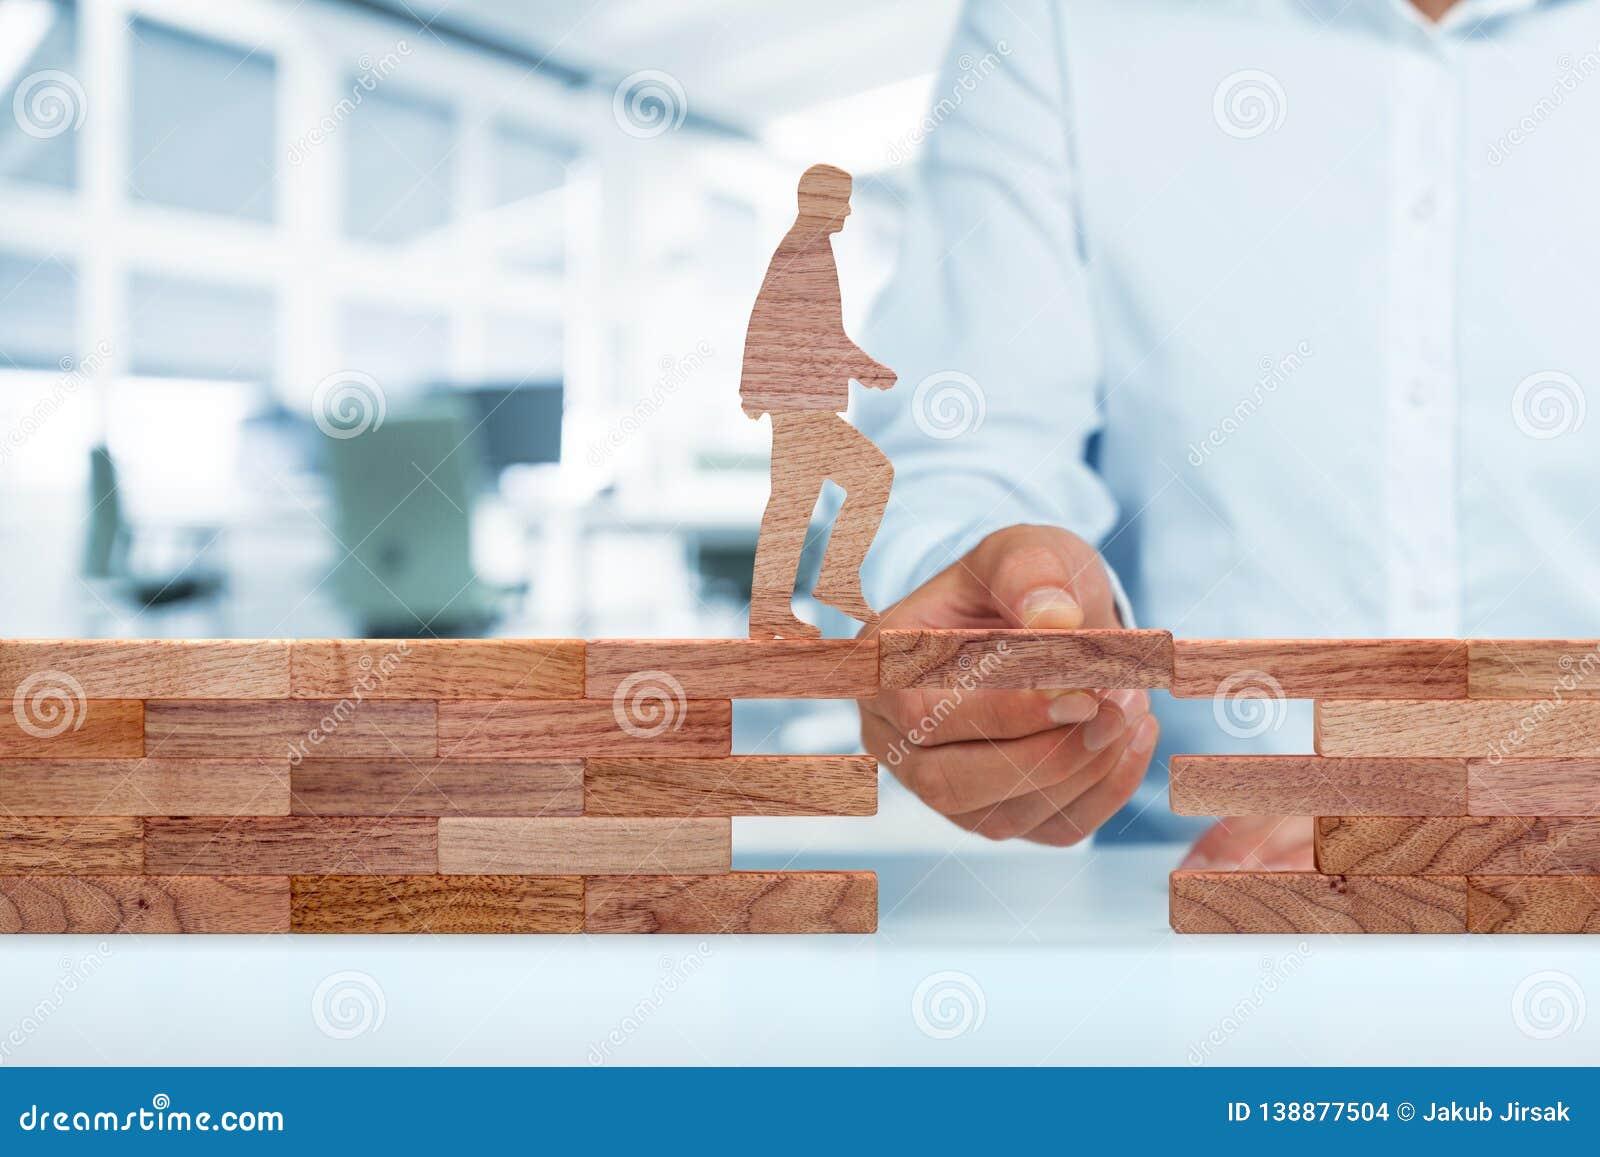 Assicurazione e concetto di sostegno